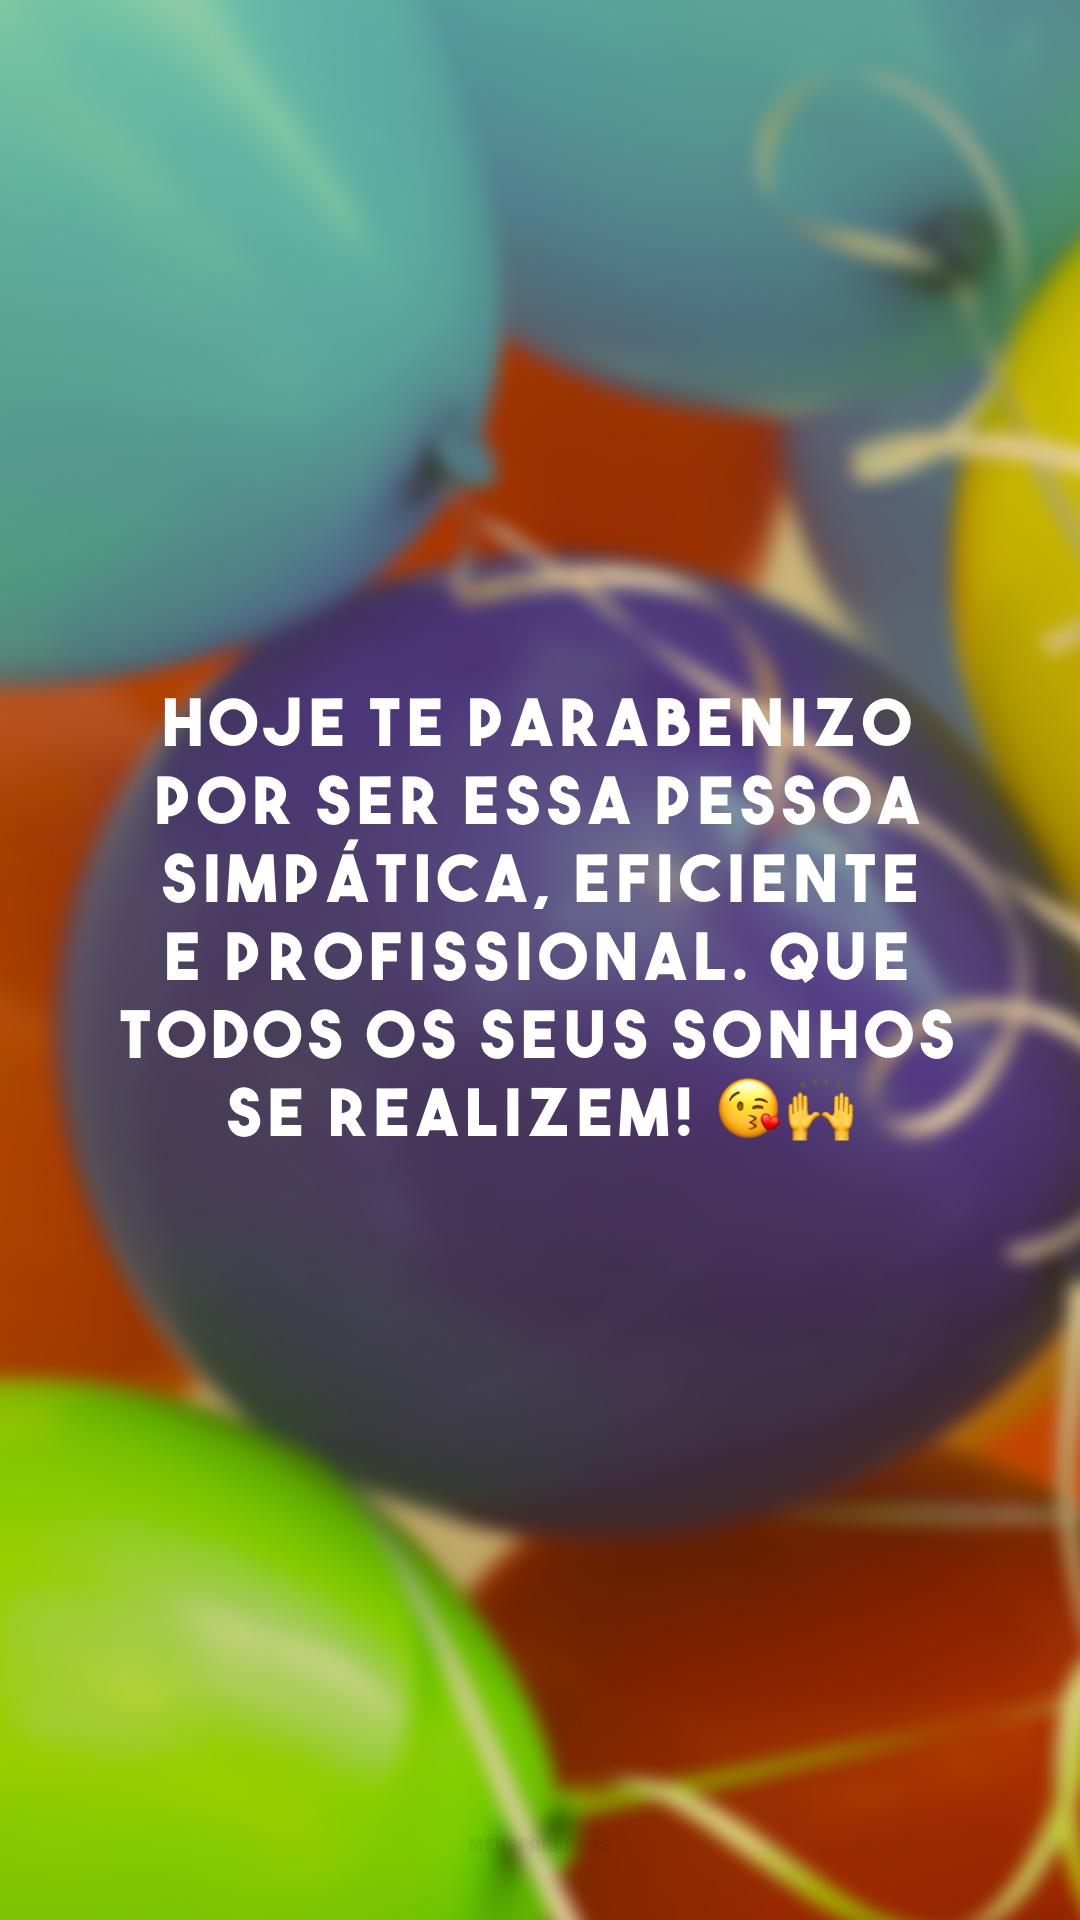 Hoje te parabenizo por ser essa pessoa simpática, eficiente e profissional. Que todos os seus sonhos se realizem! 😘🙌